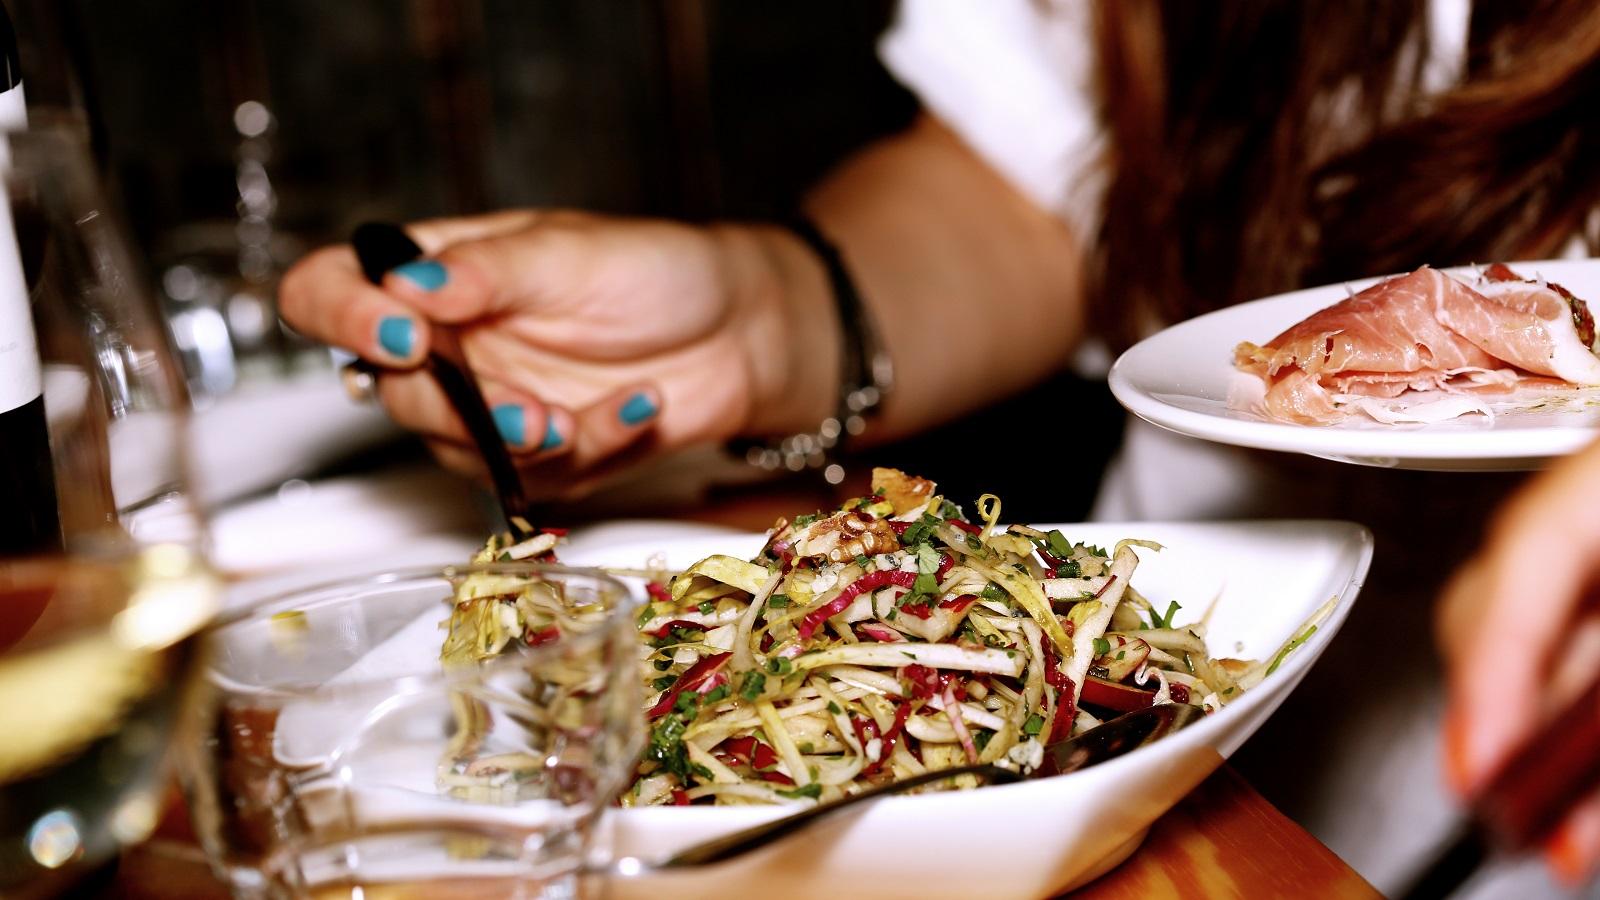 El consumo en exceso de sal en sus comidas, puede enfermarlo